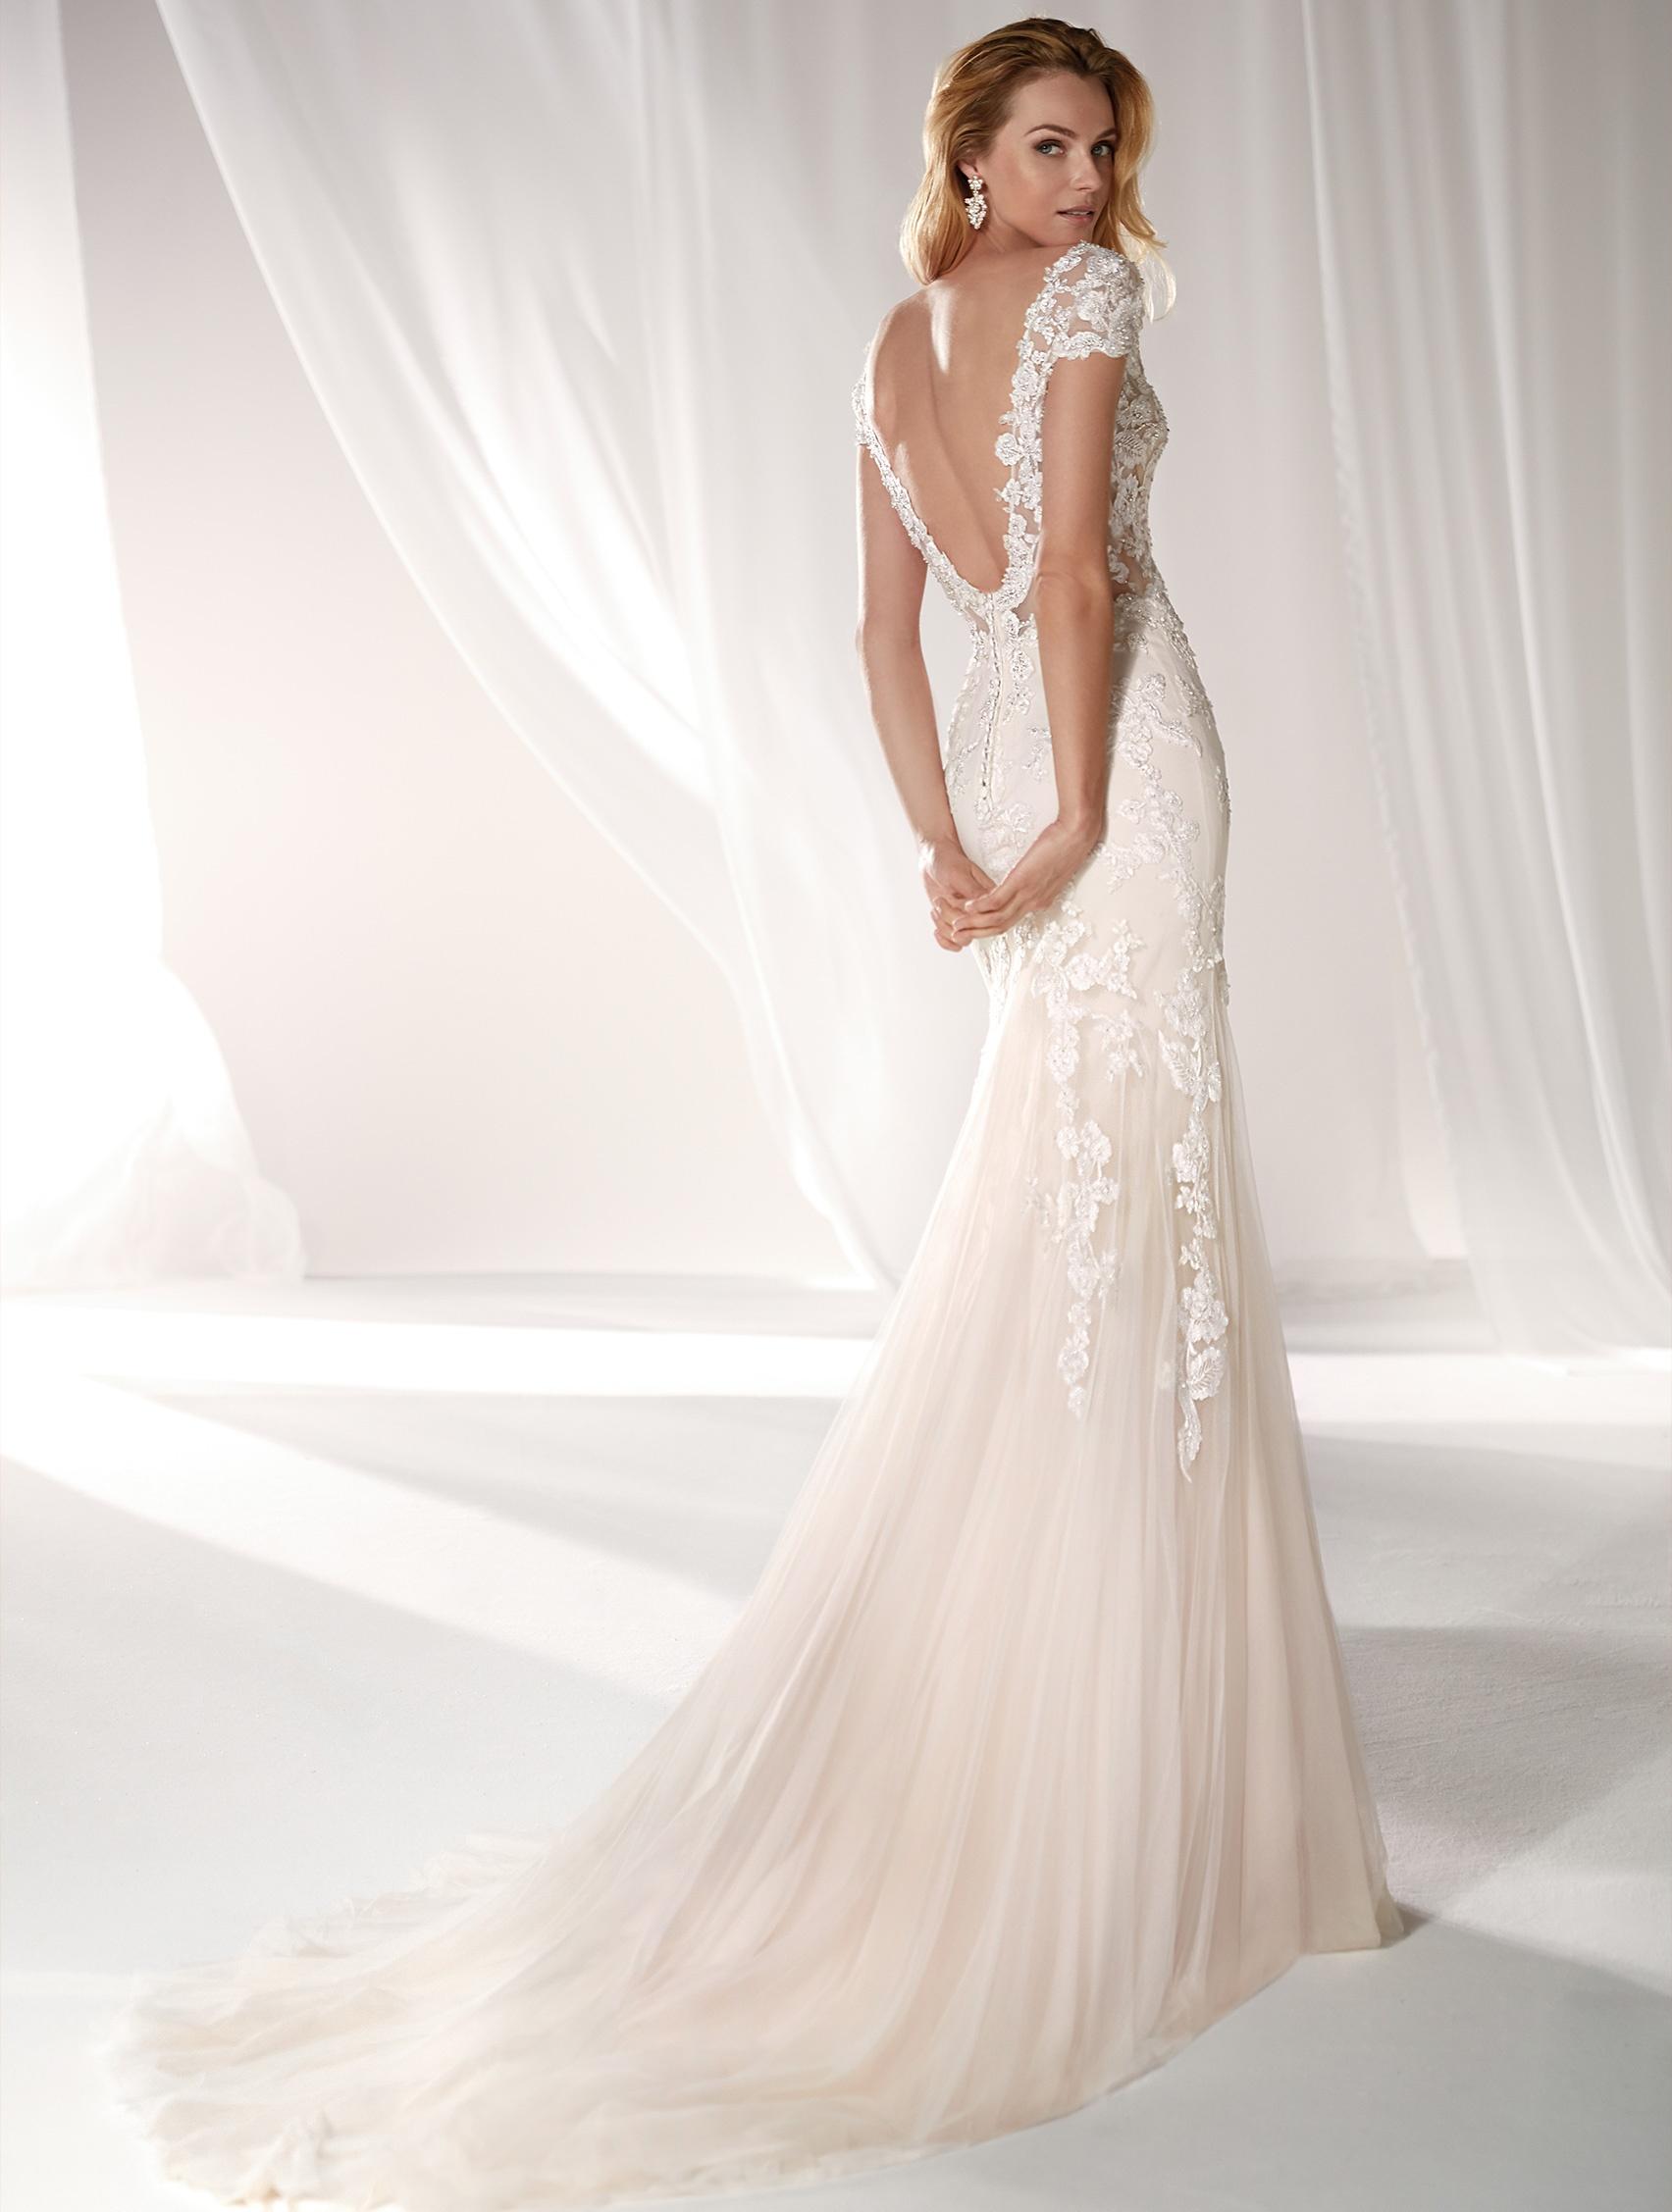 best website 0560f 5272a Nicole Spose, italienische hochzeitskleider, Hochzeitskleid ...